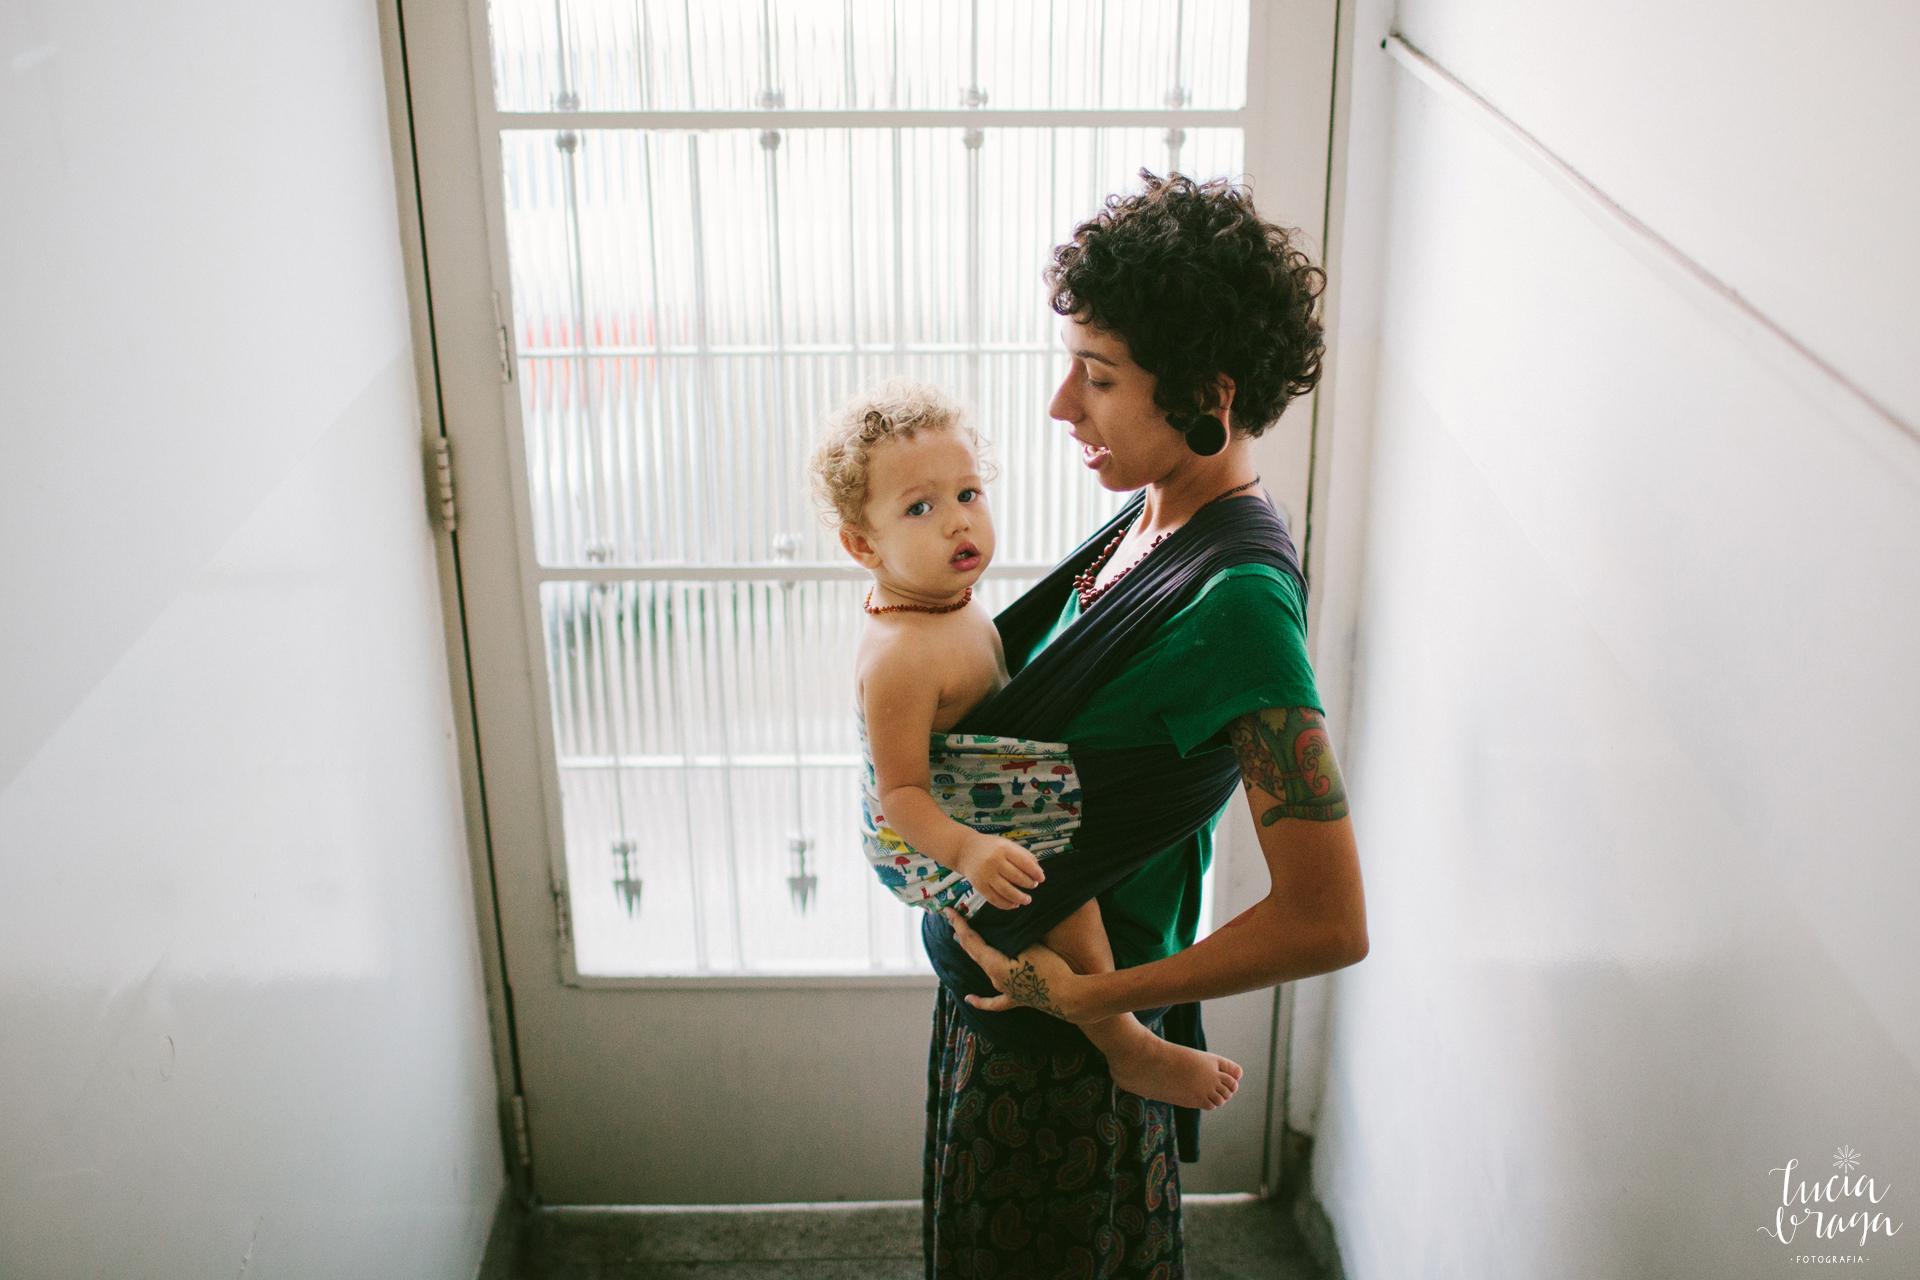 fotografia documental de familia, fotografo são paulo, fotografo minas gerais, fotografia de família, mãe e filho, real life, dia-a-dia, sling, babywearing, attachment parenting